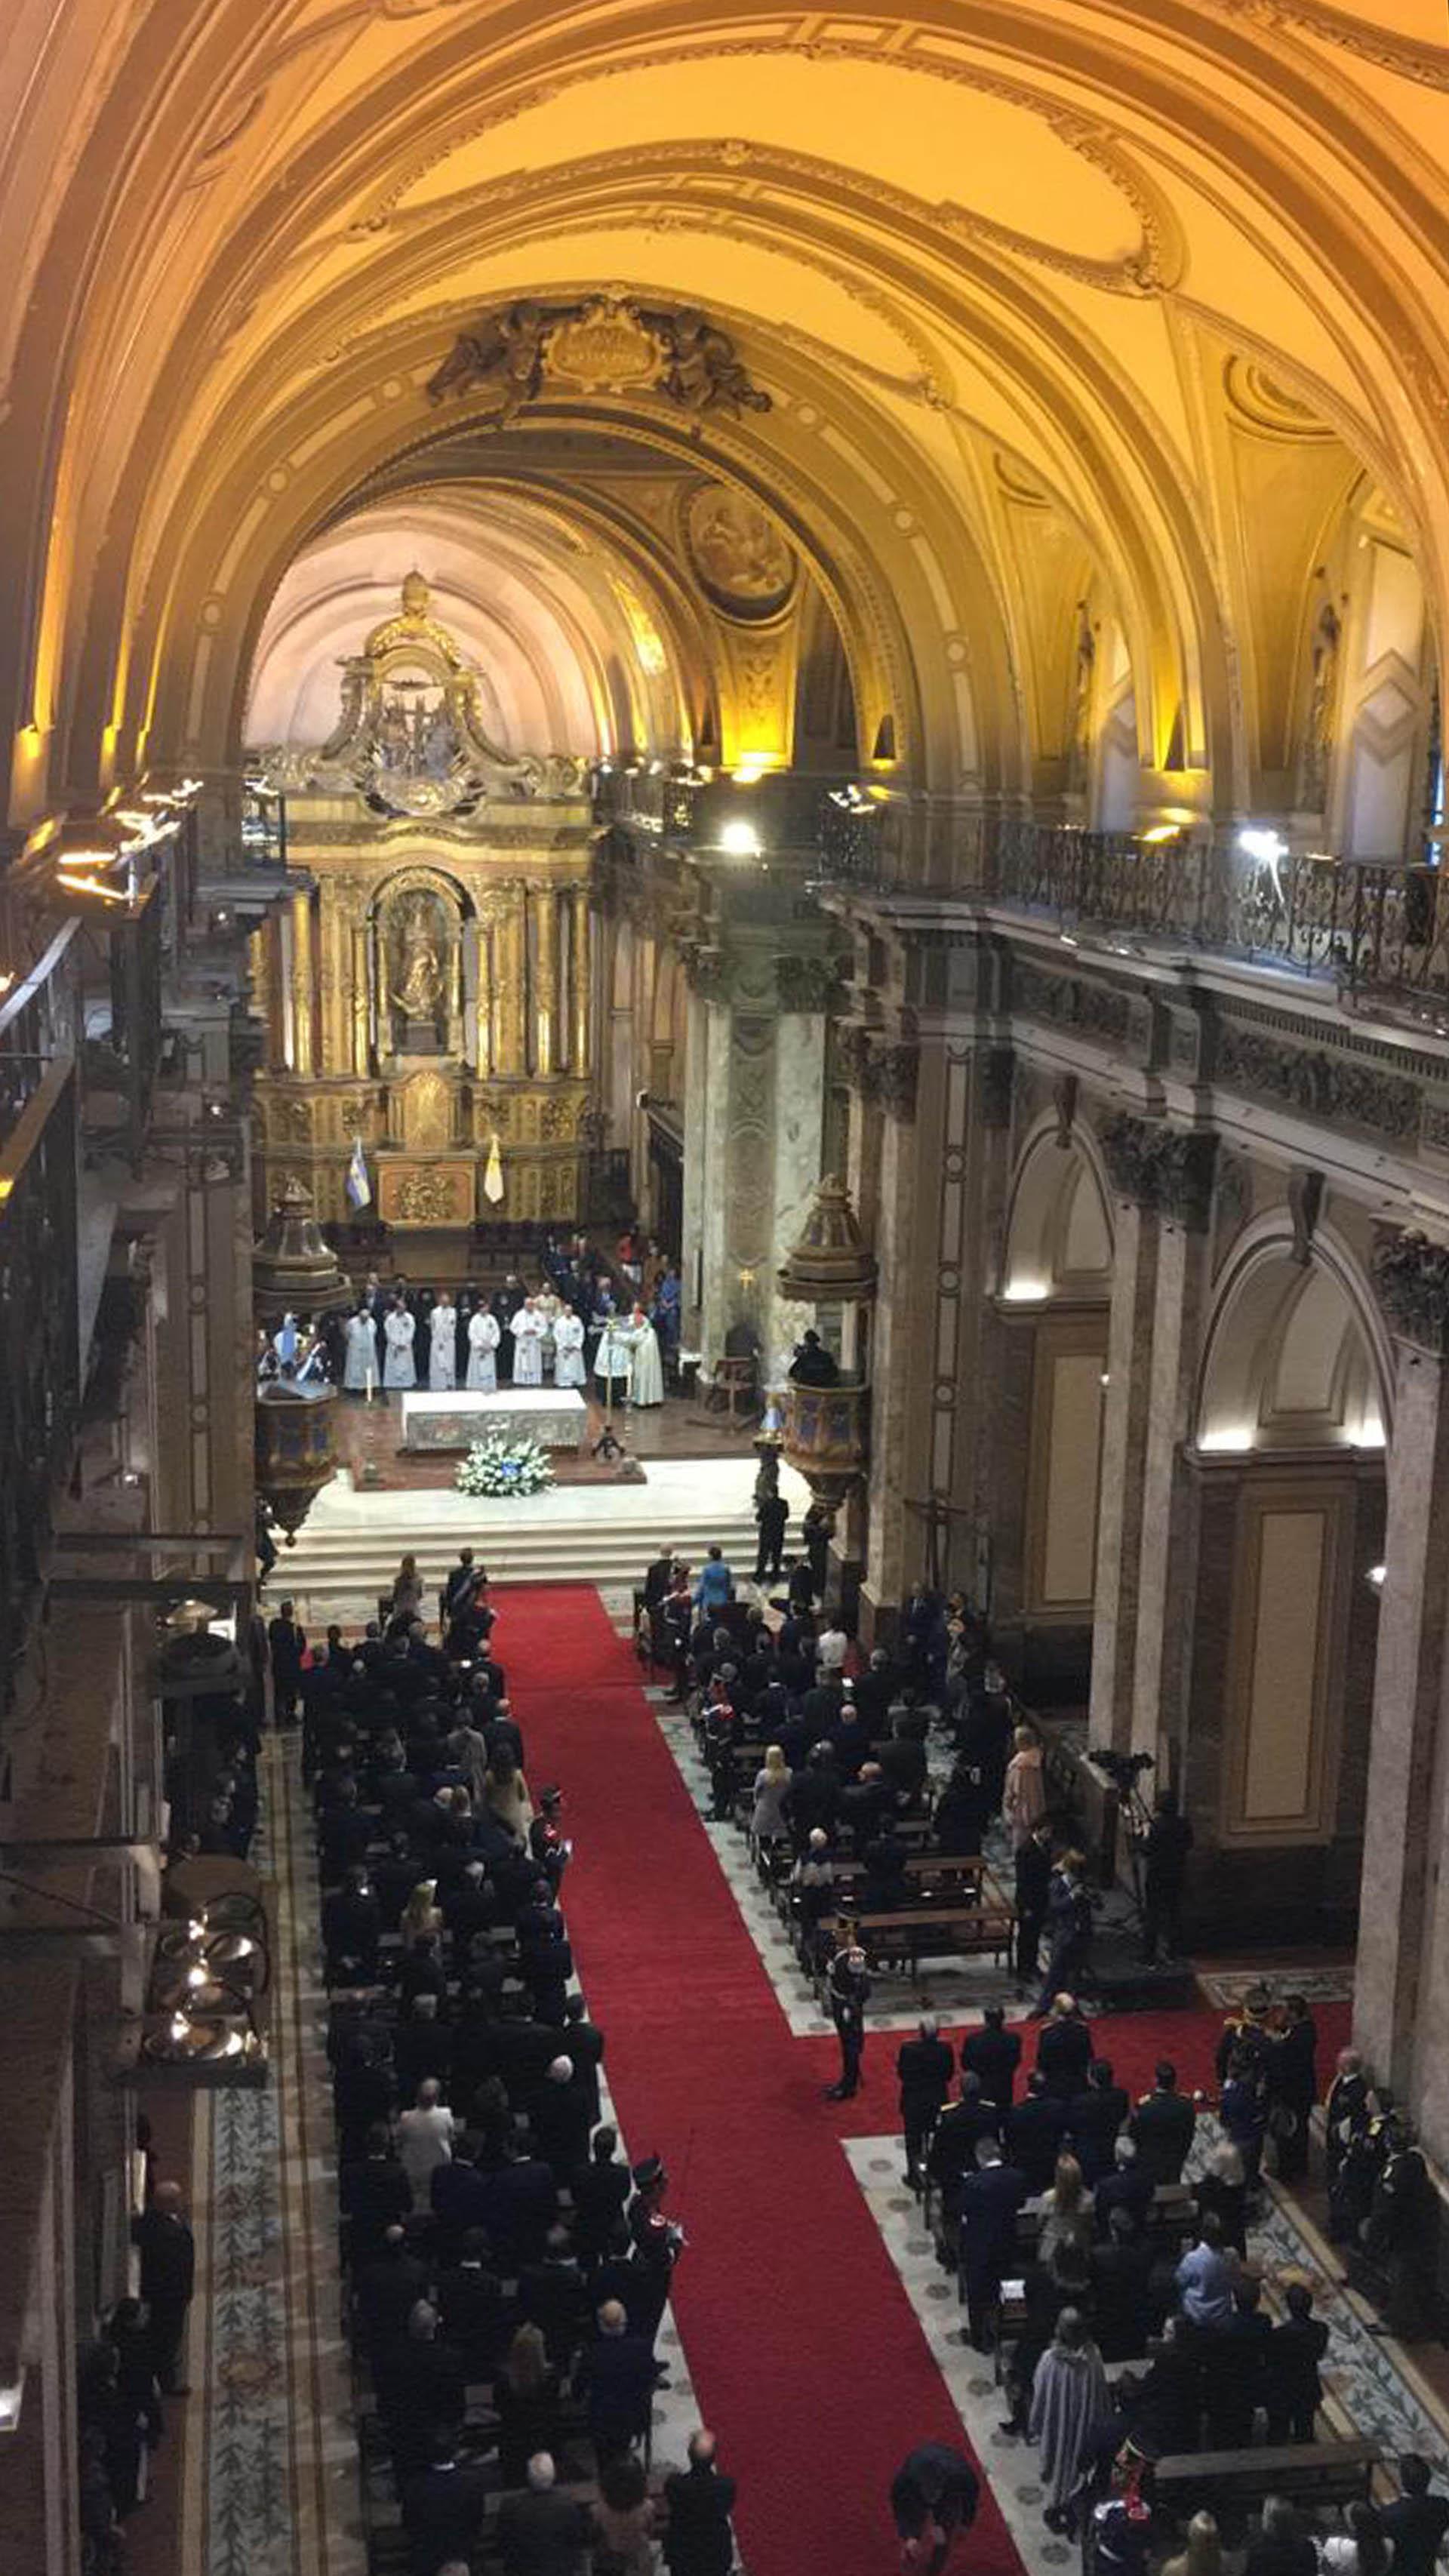 Vista aérea del interior de la Catedral Metropolitana